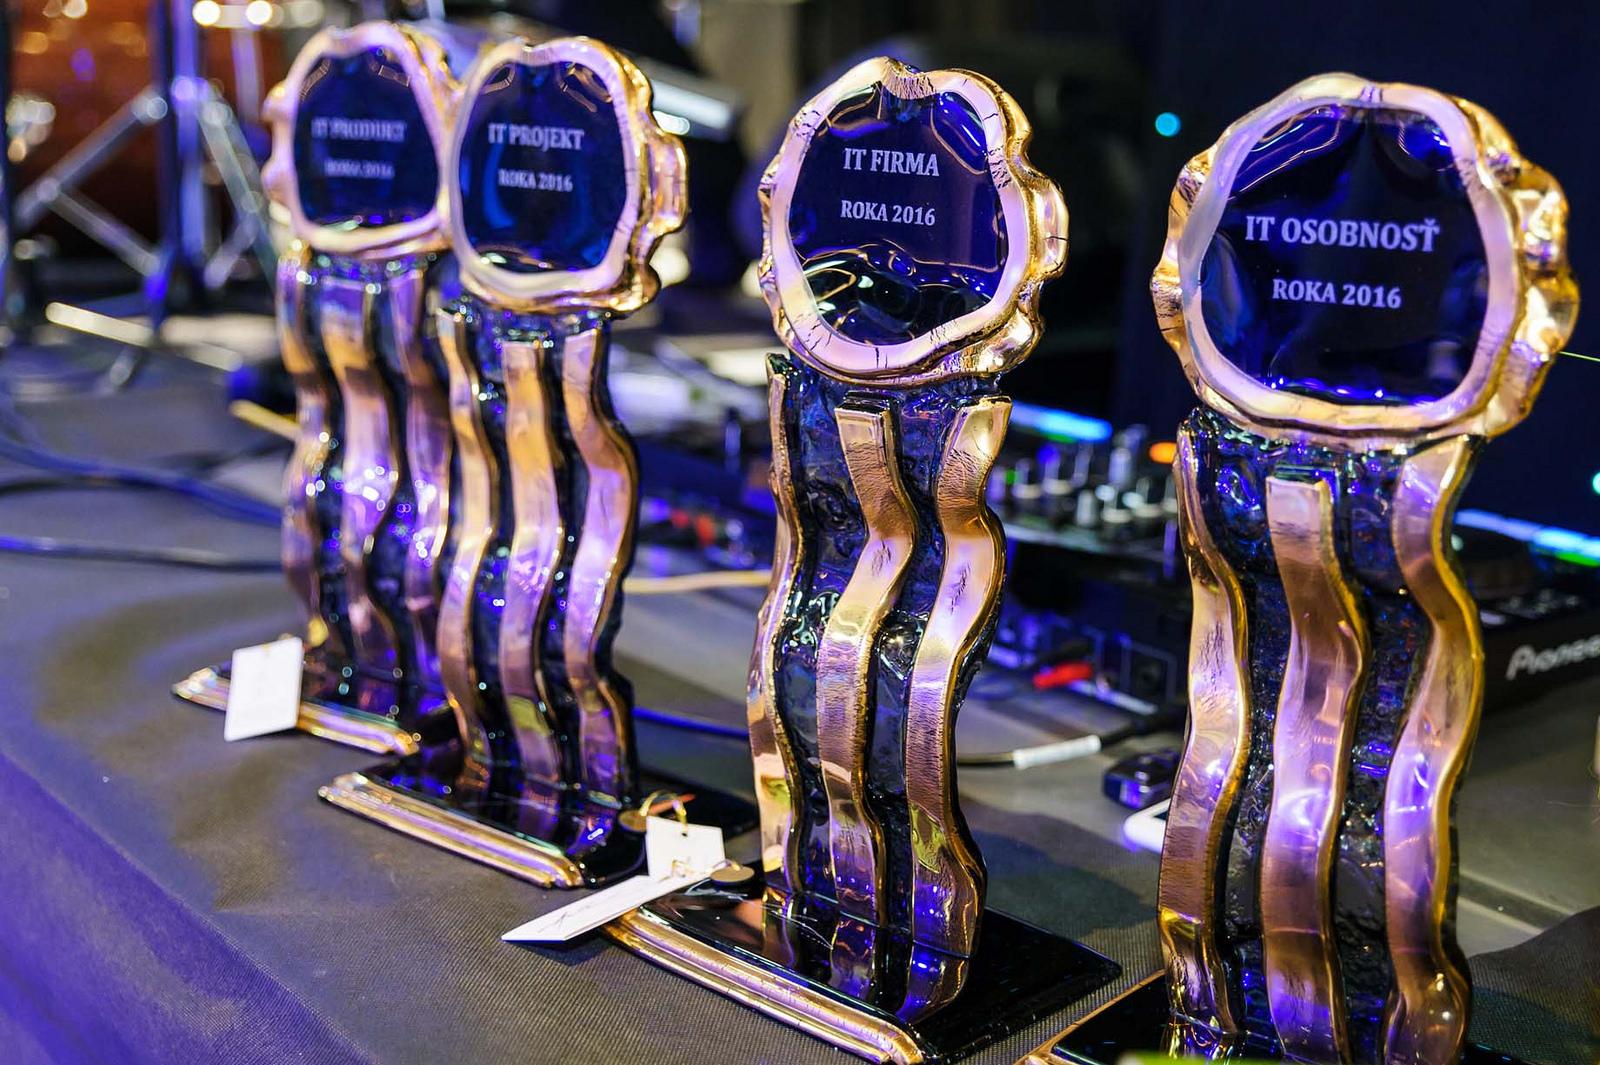 Kto dostane počítačových Oskarov za rok 2017? Poď s nami na IT GALA (súťaž) 3